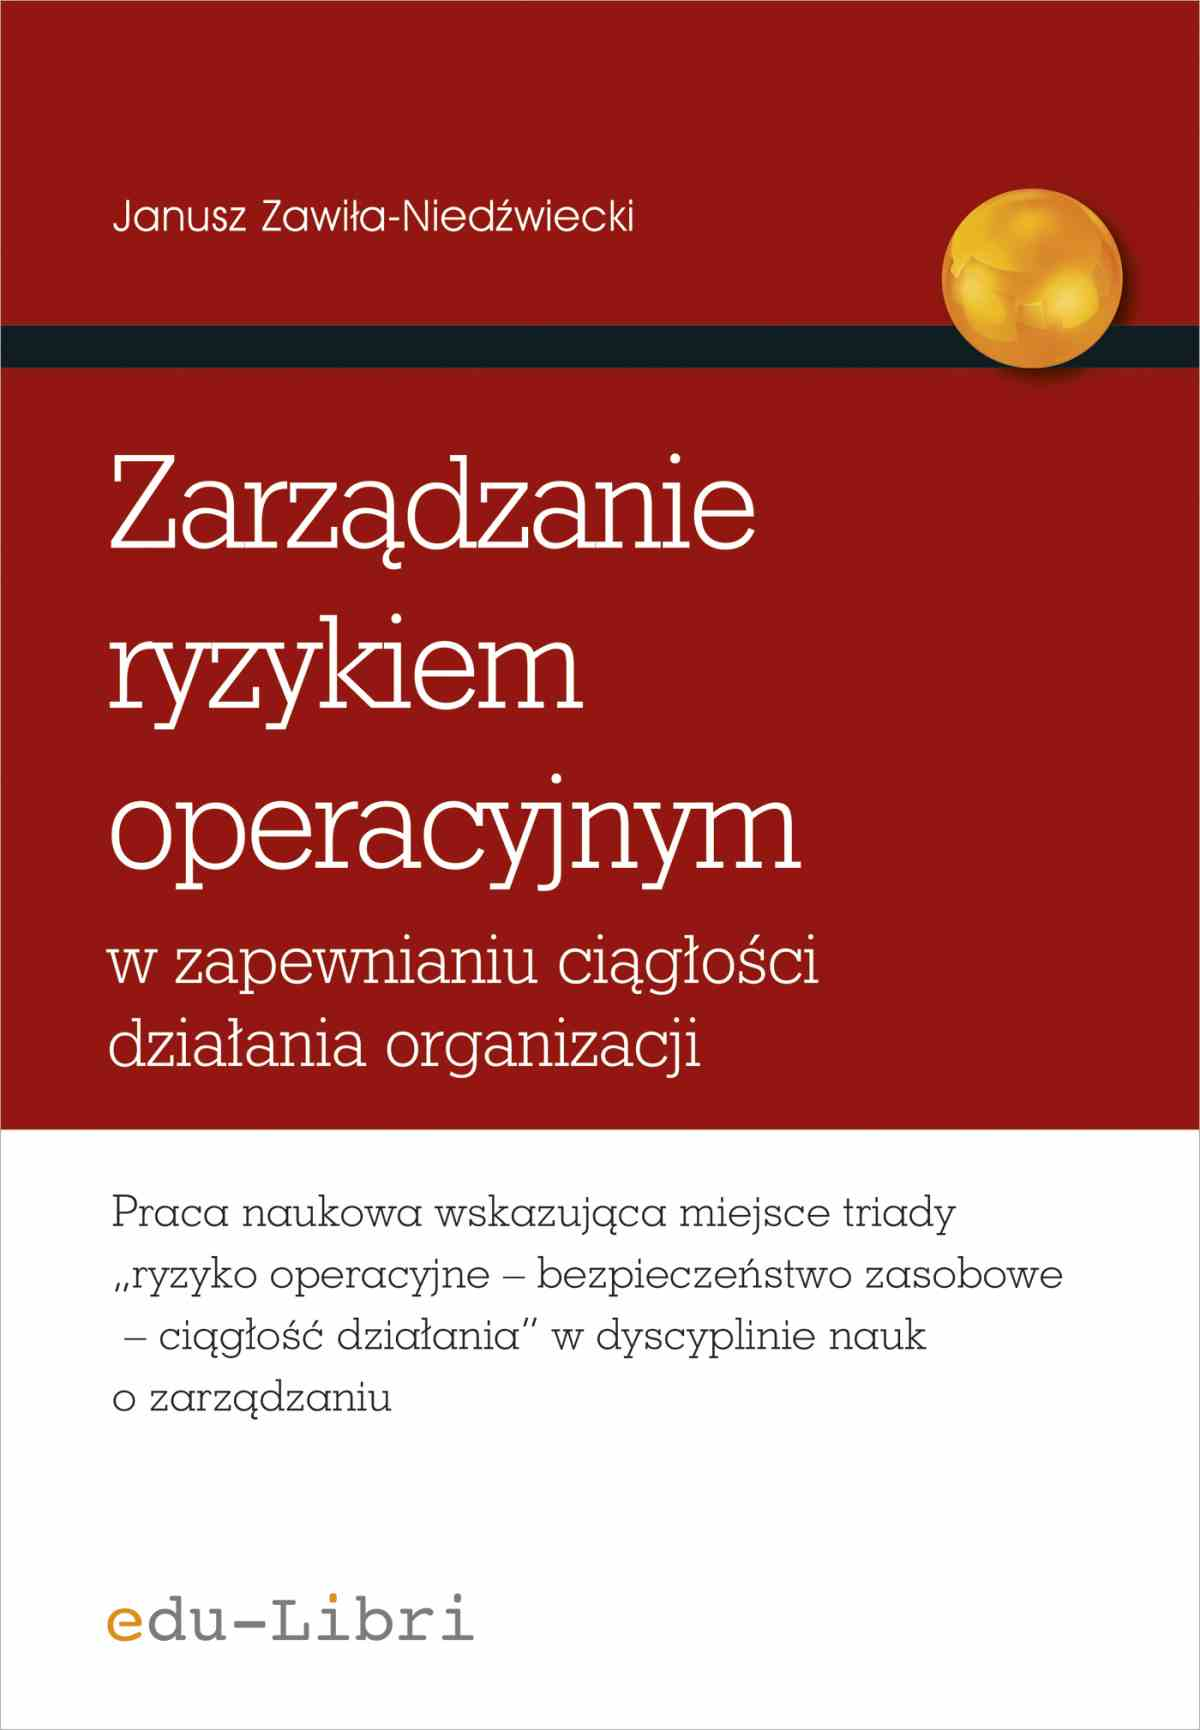 Zarządzanie ryzykiem operacyjnym w zapewnianiu ciągłości działania organizacji - Ebook (Książka EPUB) do pobrania w formacie EPUB